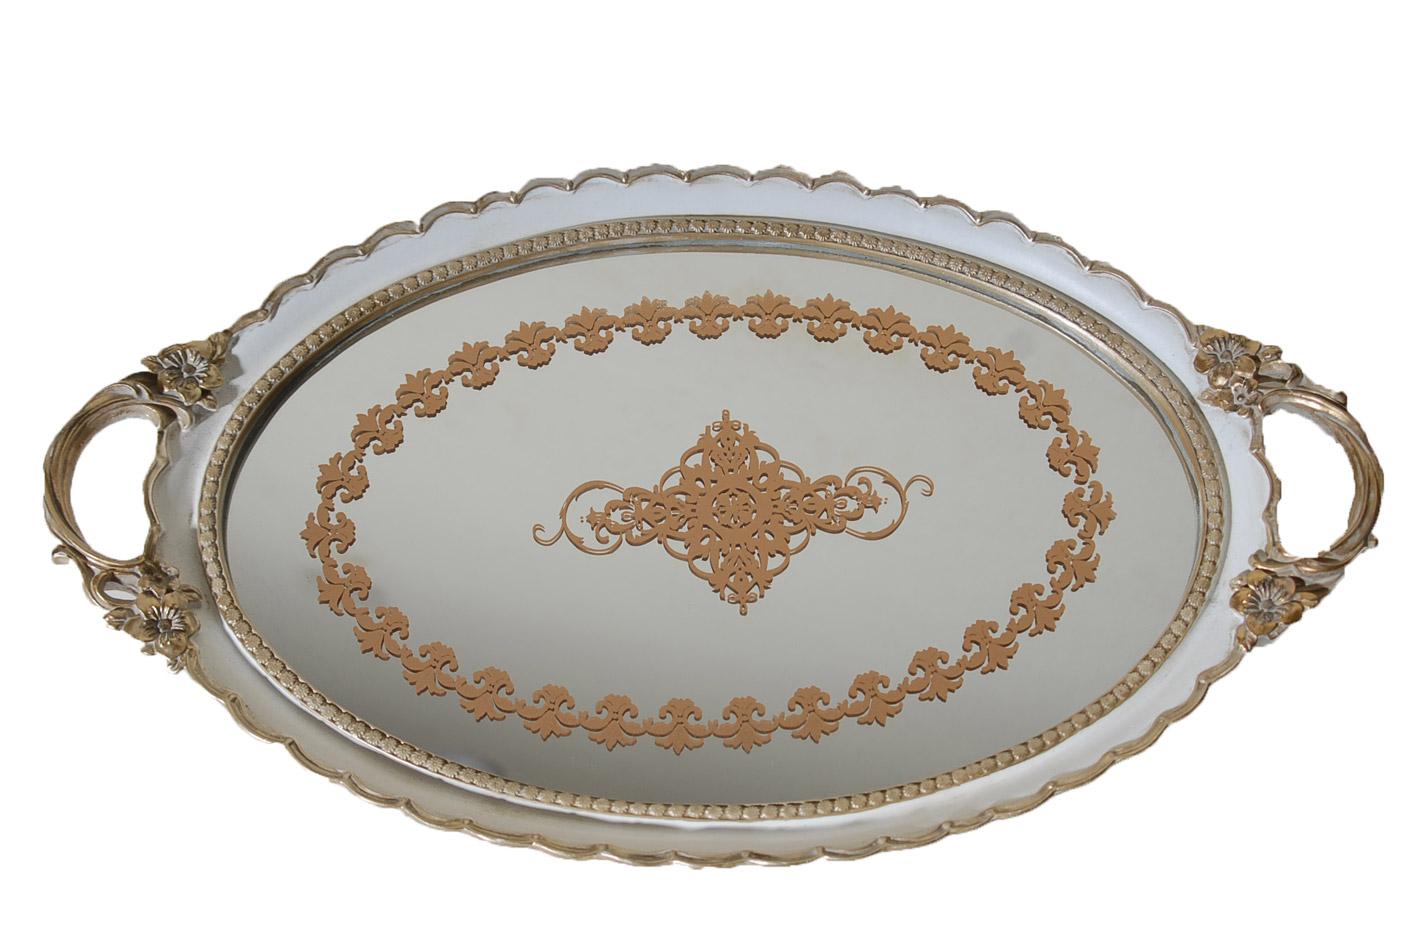 Δίσκος Σερβιρίσματος Με Καθρέπτη Πολυεστερικός Royal Art 50×30εκ. YUA4/241CR (Χρώμα: Λευκό, Υλικό: Πολυεστερικό) – Royal Art Collection – YUA4/241CR